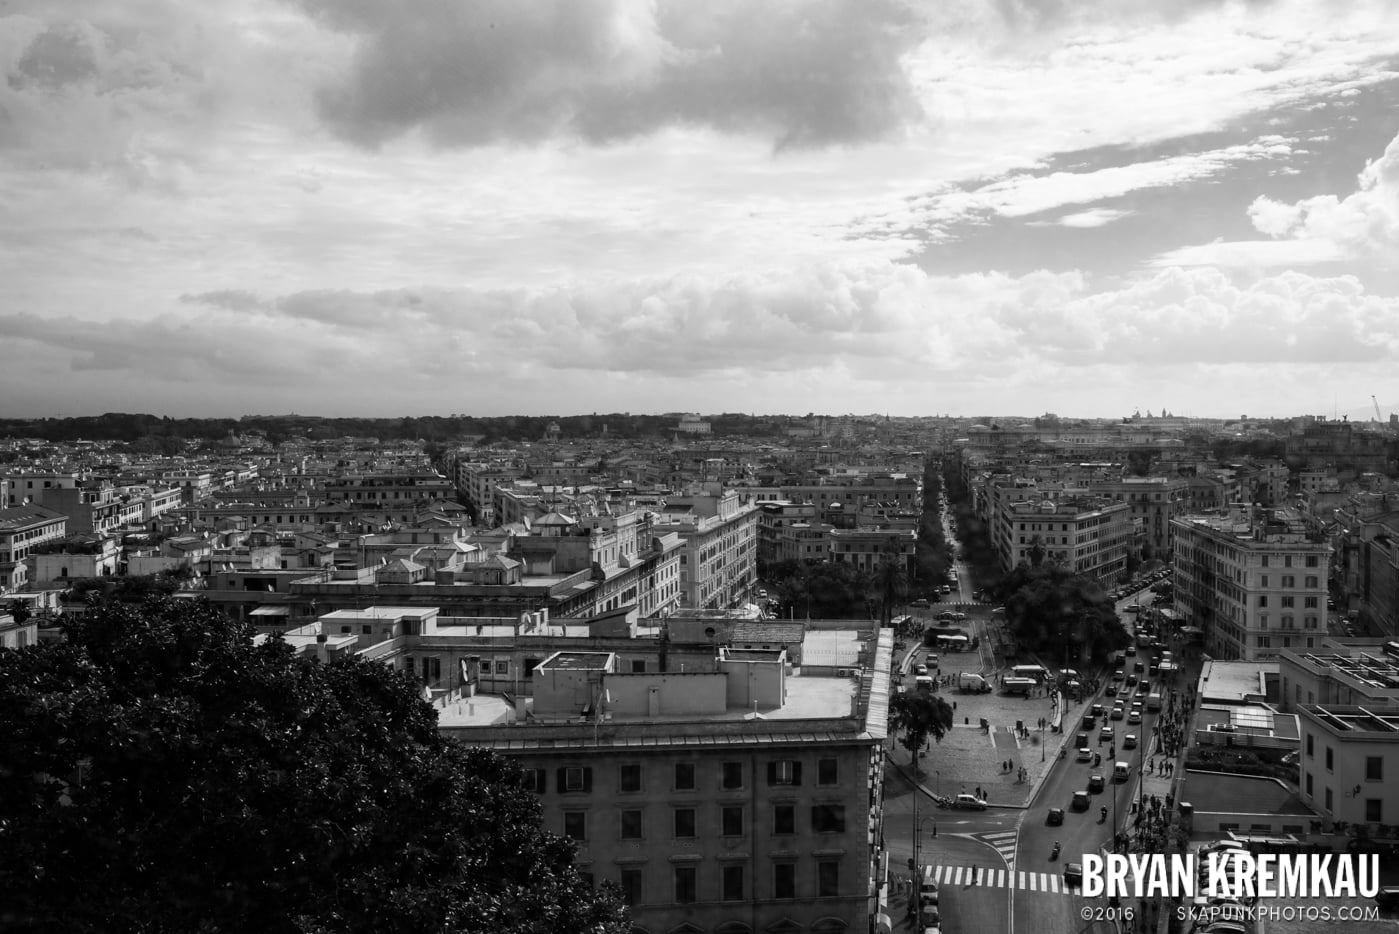 Italy Vacation - Day 3: Rome - 9.11.13 (44)